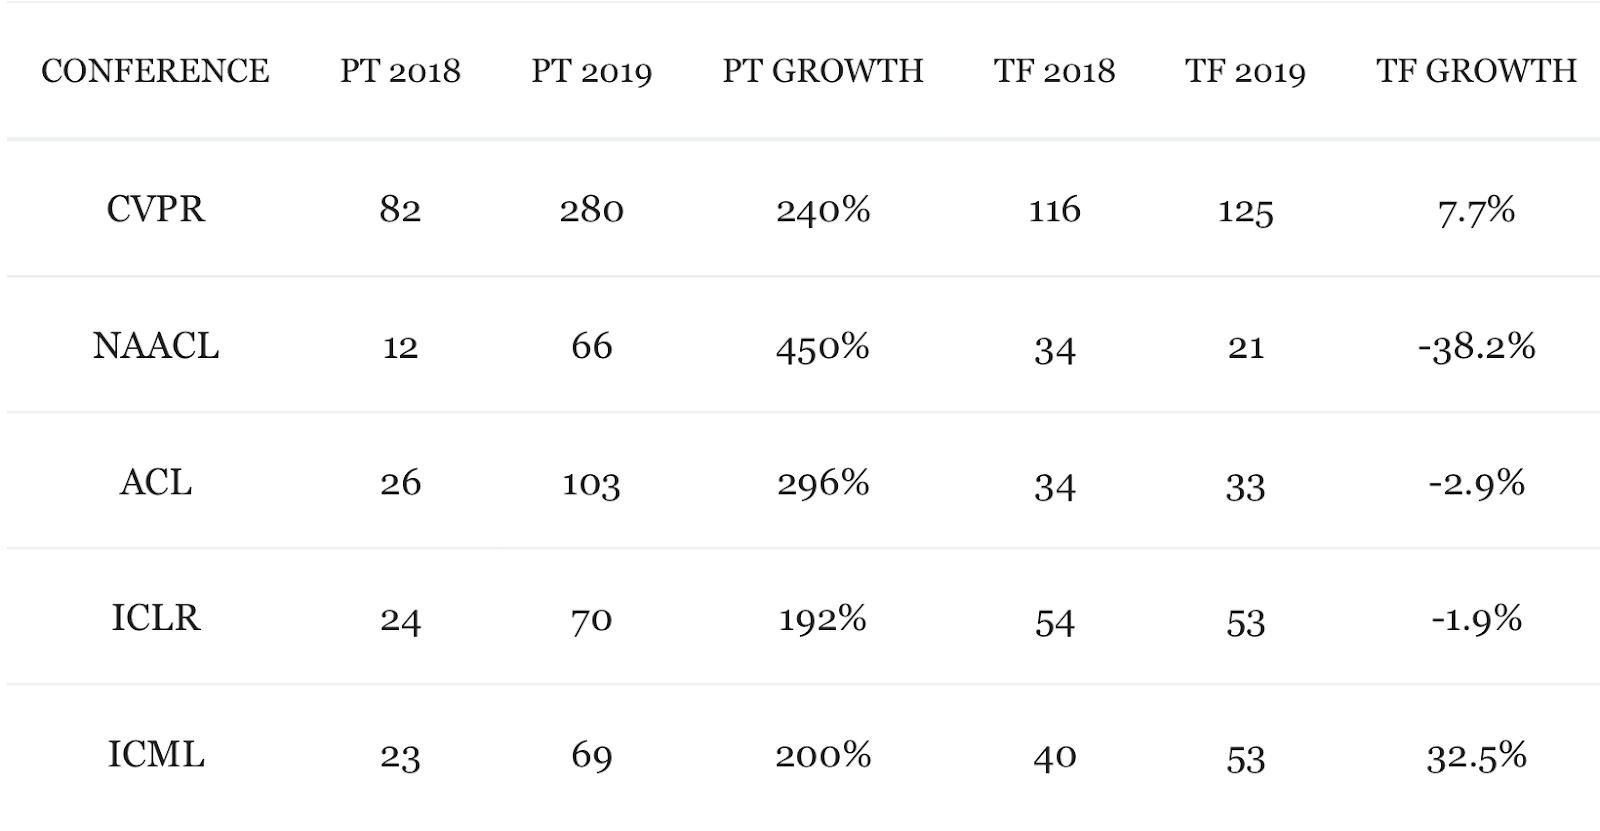 pyTorch Growth -2